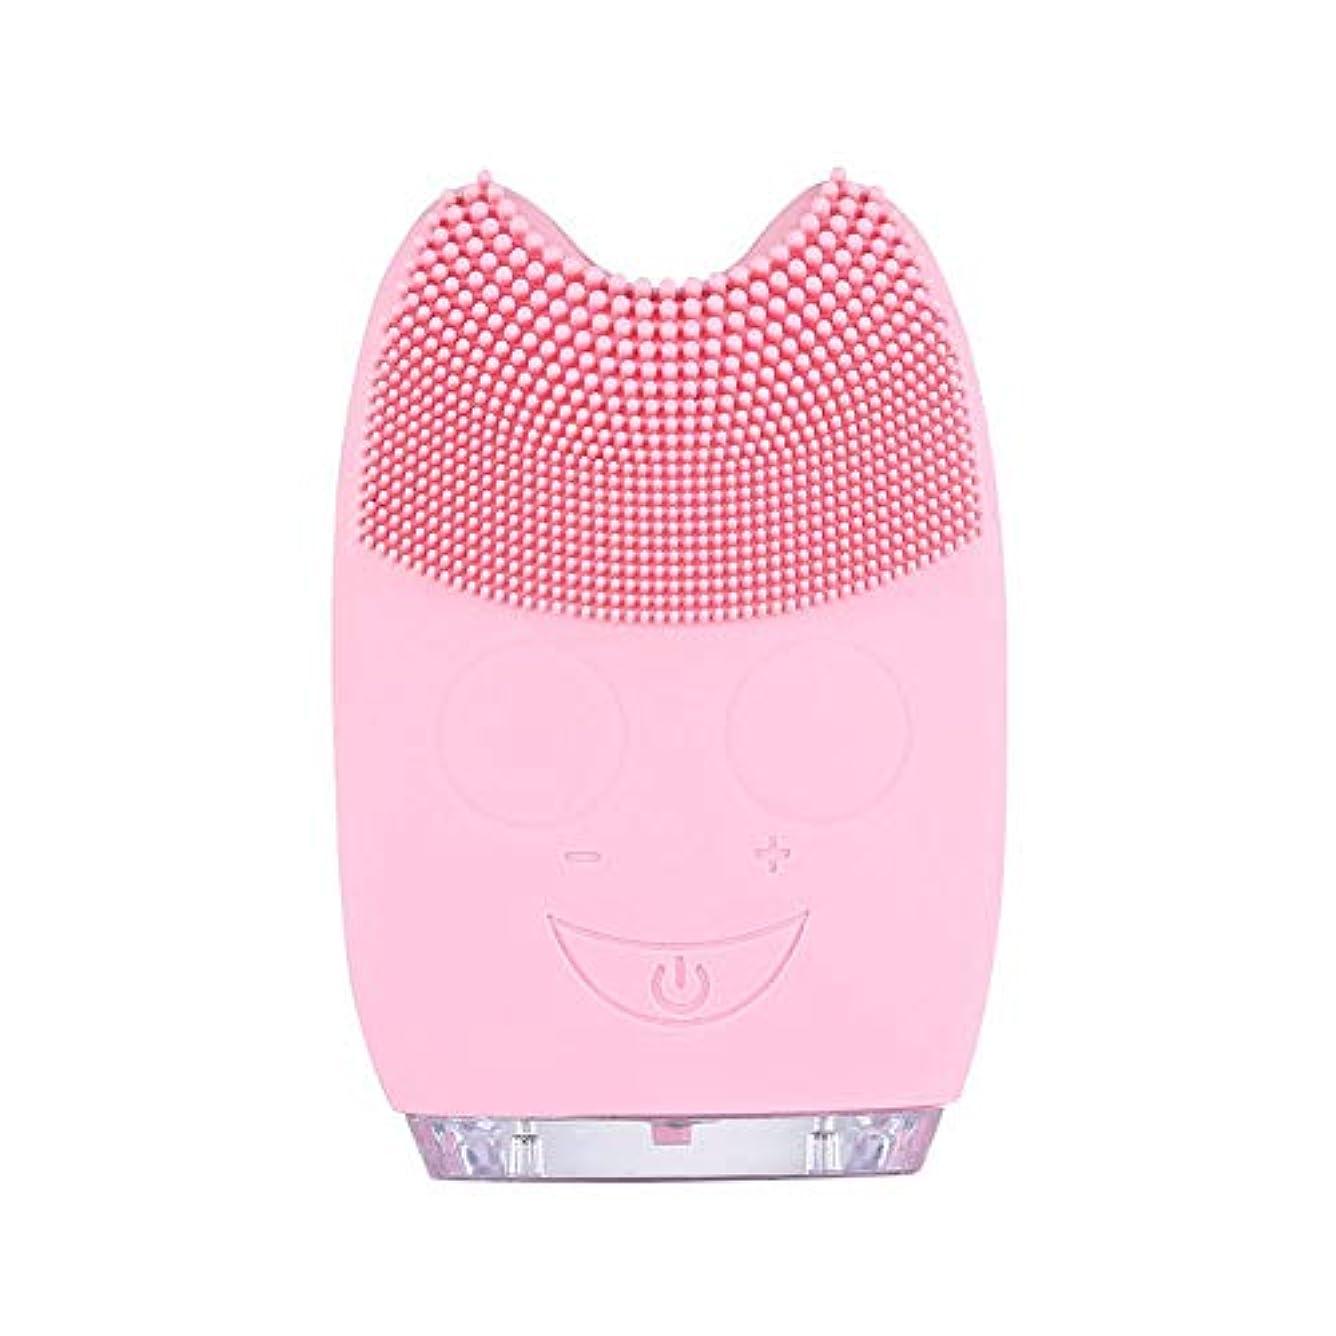 汚れる解放専ら洗顔ブラシ ソニックフェイシャルクレンジングブラシマッサージャー充電式電気シリコーン剥離フェイススクラブブラシ ディープクレンジングスキンケア用 (色 : ピンク, サイズ : 9.8*6.4*3cm)